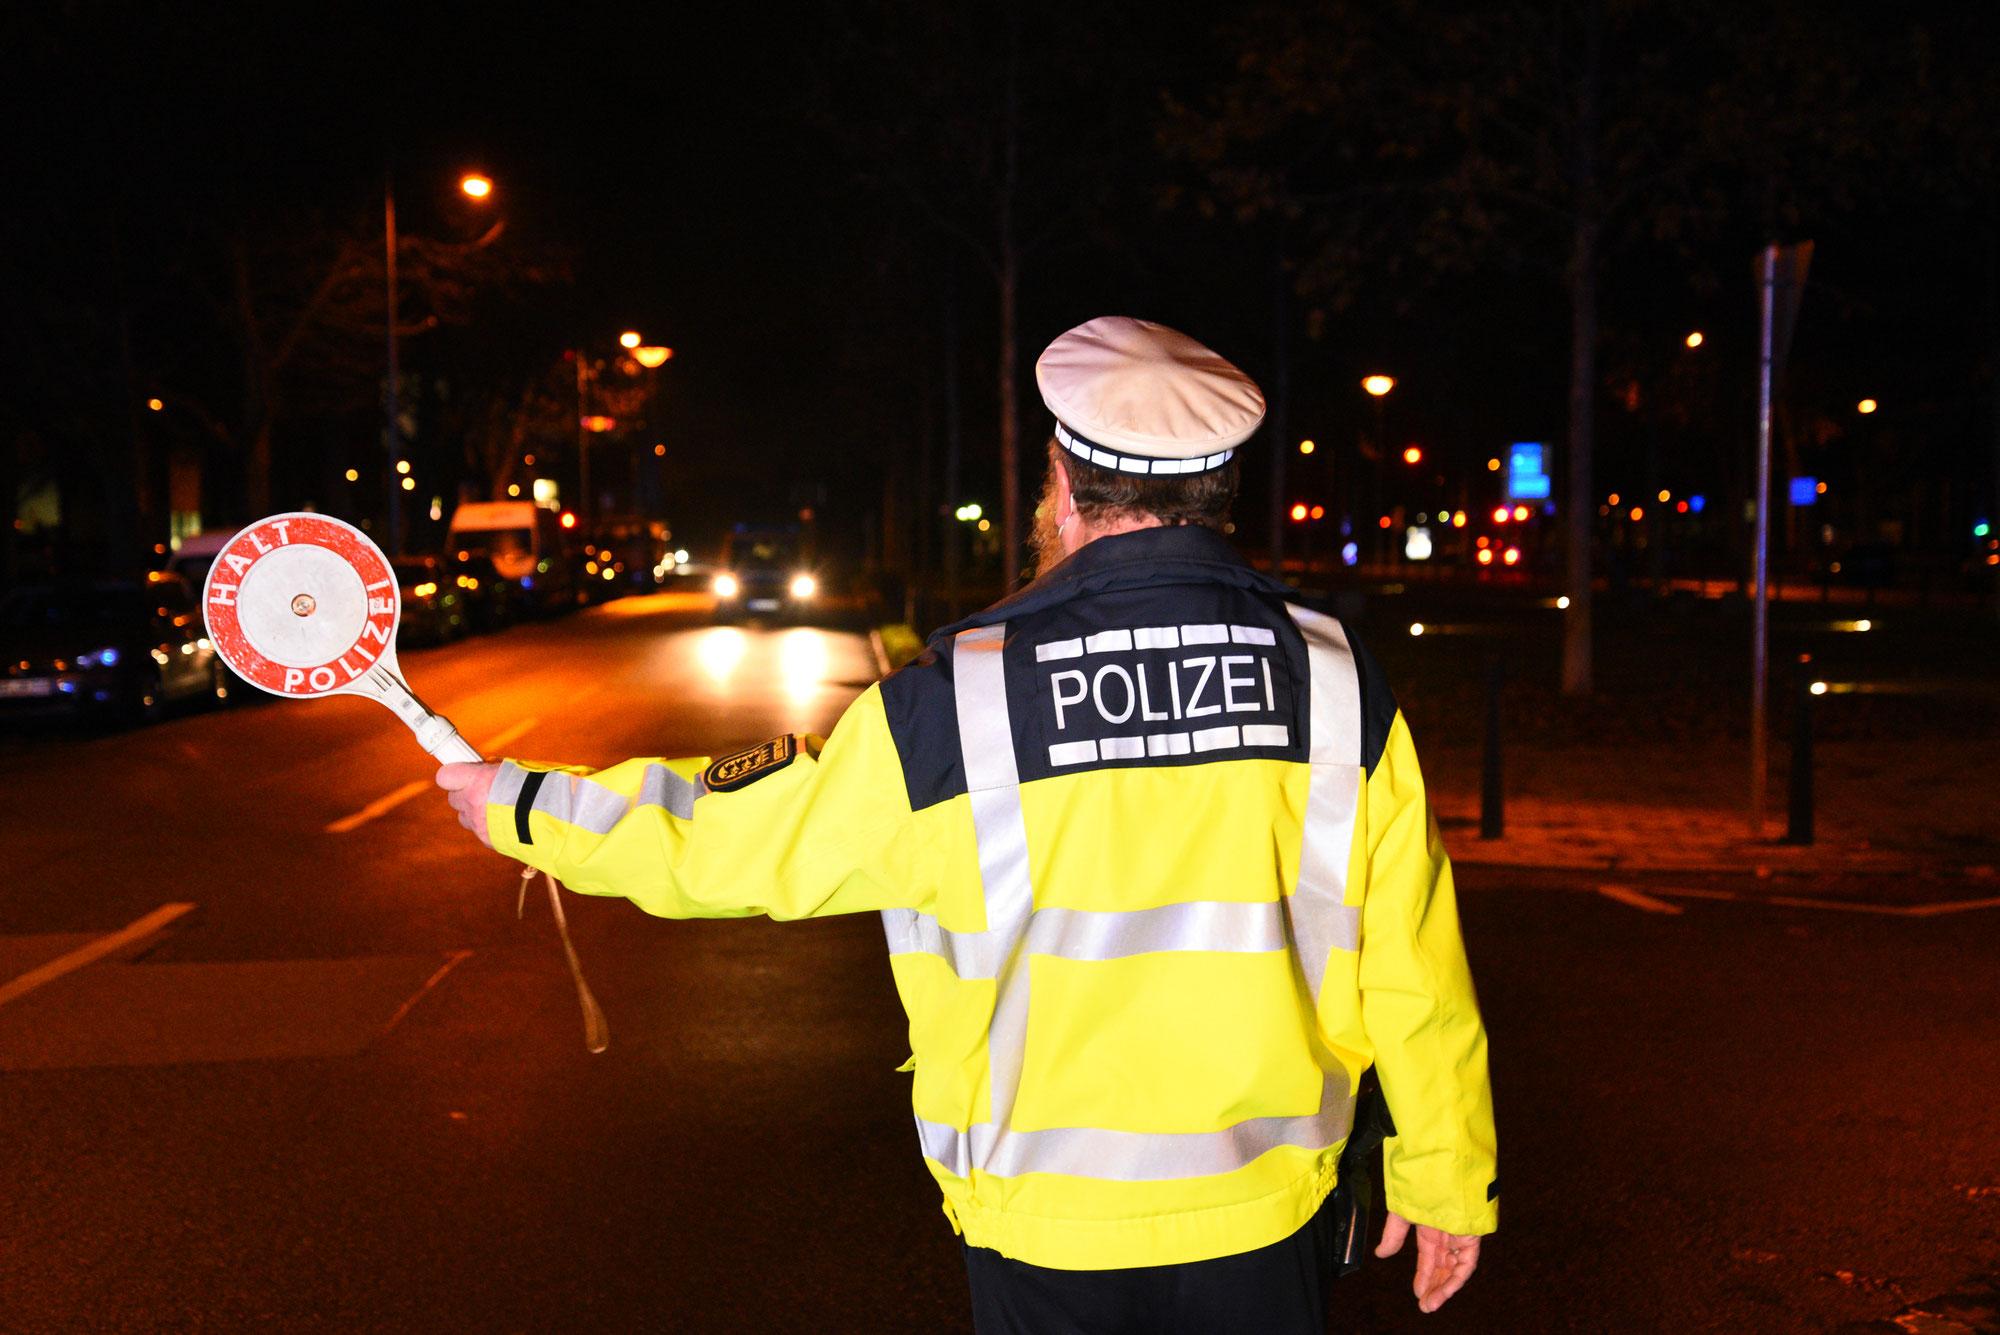 Eberbach/Rhein-Neckar-Kreis: Schwerpunktkontrollen zur Bekämpfung der Hauptunfallursache Alkohol und Drogen im Straßenverkehr